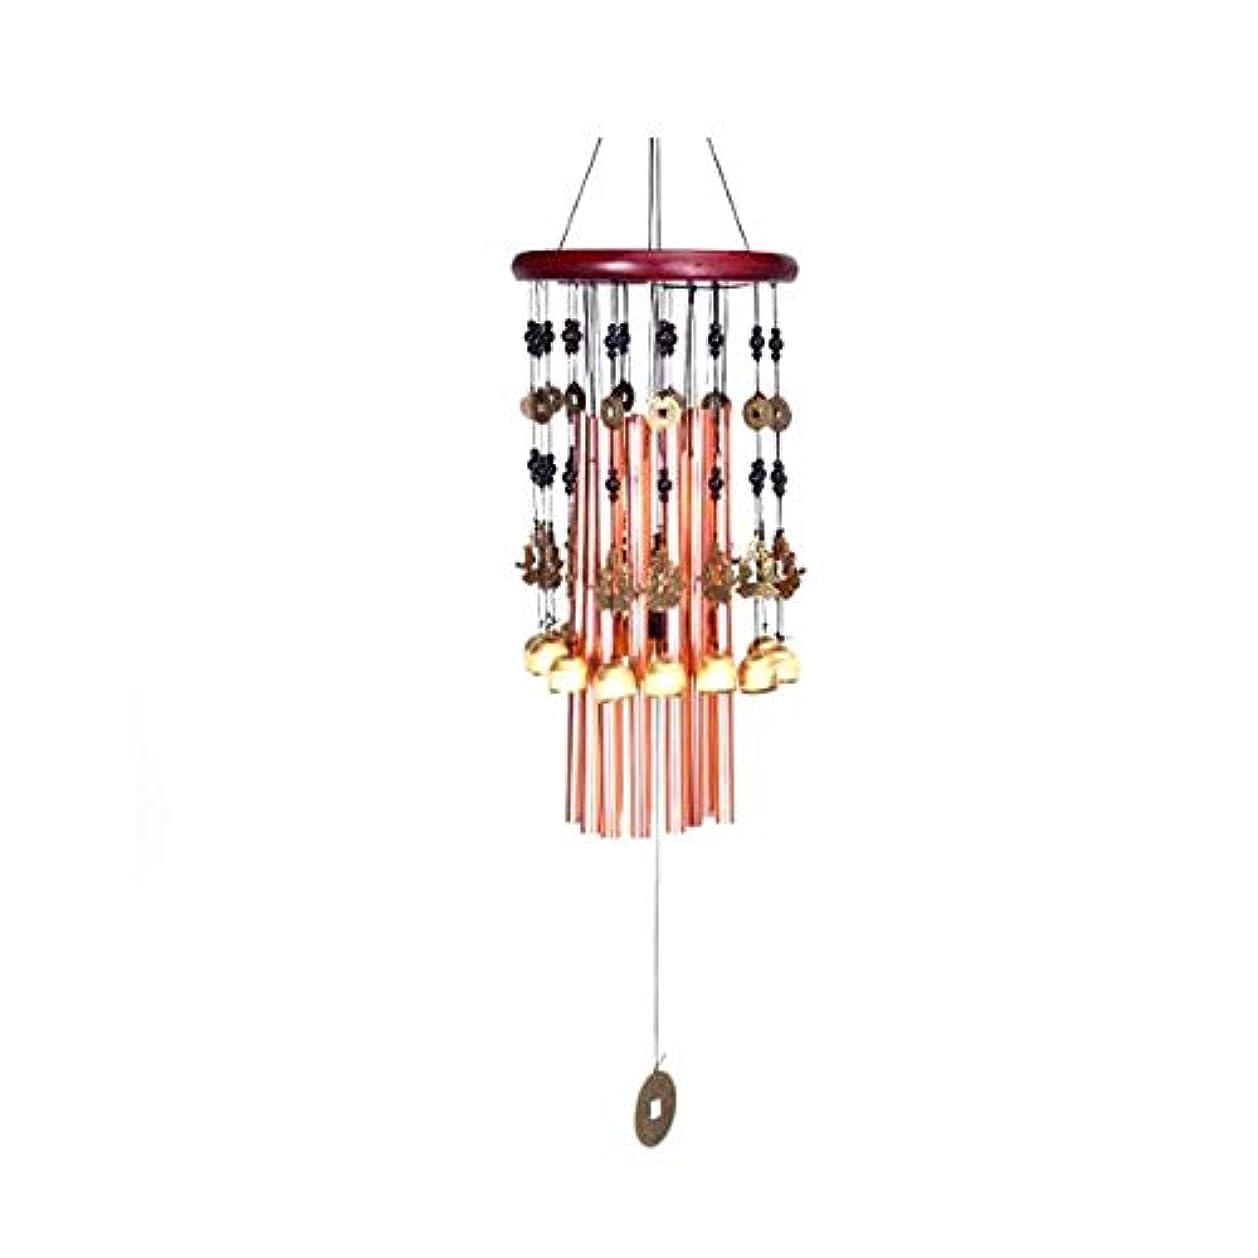 サイレン方程式熟練した風チャイム、メタルベル、ホームデコレーション、ベッドルームバルコニー装飾ペンダント (Color : 1)